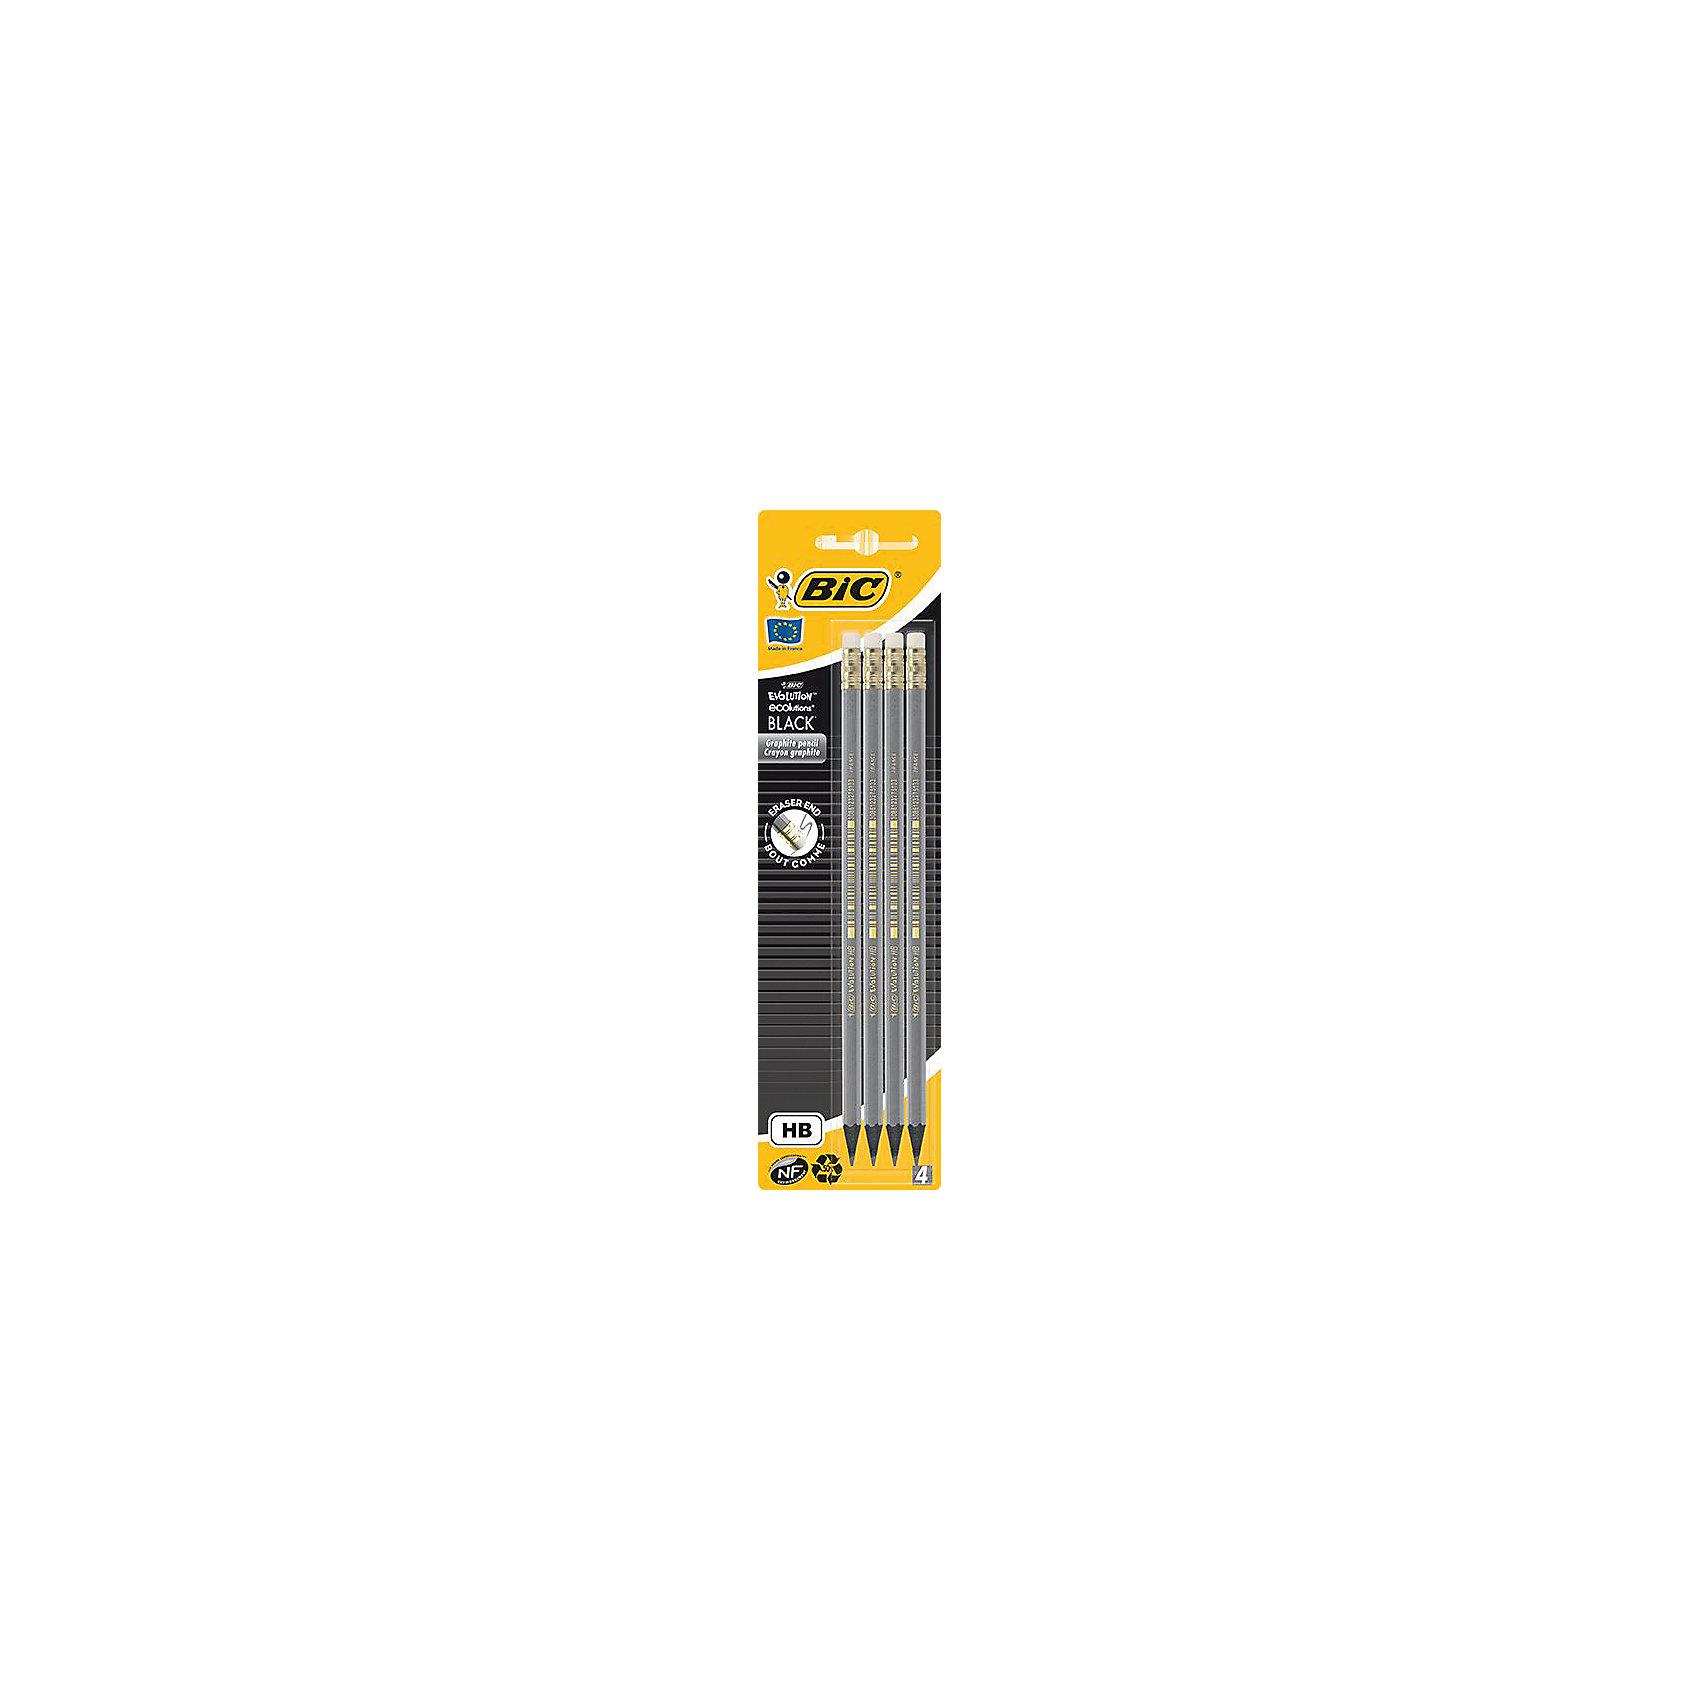 Карандаши чернографитные Bic Evolution Black, 4 шт + ластикПисьменные принадлежности<br>Характеристики:<br><br>• возраст: от 5 лет<br>• в наборе: карандаши чернографитовые 4 шт.<br>• диаметр грифеля: 2 мм.<br>• твердость: НВ<br>• материал корпуса: пластик<br>• упаковка: блистер<br>• размер упаковки: 25х6х2 см.<br><br>Набор из четырех шестигранных чернографитовых карандашей с ластиками. Корпус карандашей выполнен из пластика. Карандаши обладают высокой степенью устойчивости к излому, ударопрочным грифелем и стильным дизайном.<br><br>BIC Набор карандашей чернографитовых+ластик Evolution Black, 4 шт. можно купить в нашем интернет-магазине.<br><br>Ширина мм: 9<br>Глубина мм: 65<br>Высота мм: 240<br>Вес г: 32<br>Возраст от месяцев: 60<br>Возраст до месяцев: 2147483647<br>Пол: Унисекс<br>Возраст: Детский<br>SKU: 7065349